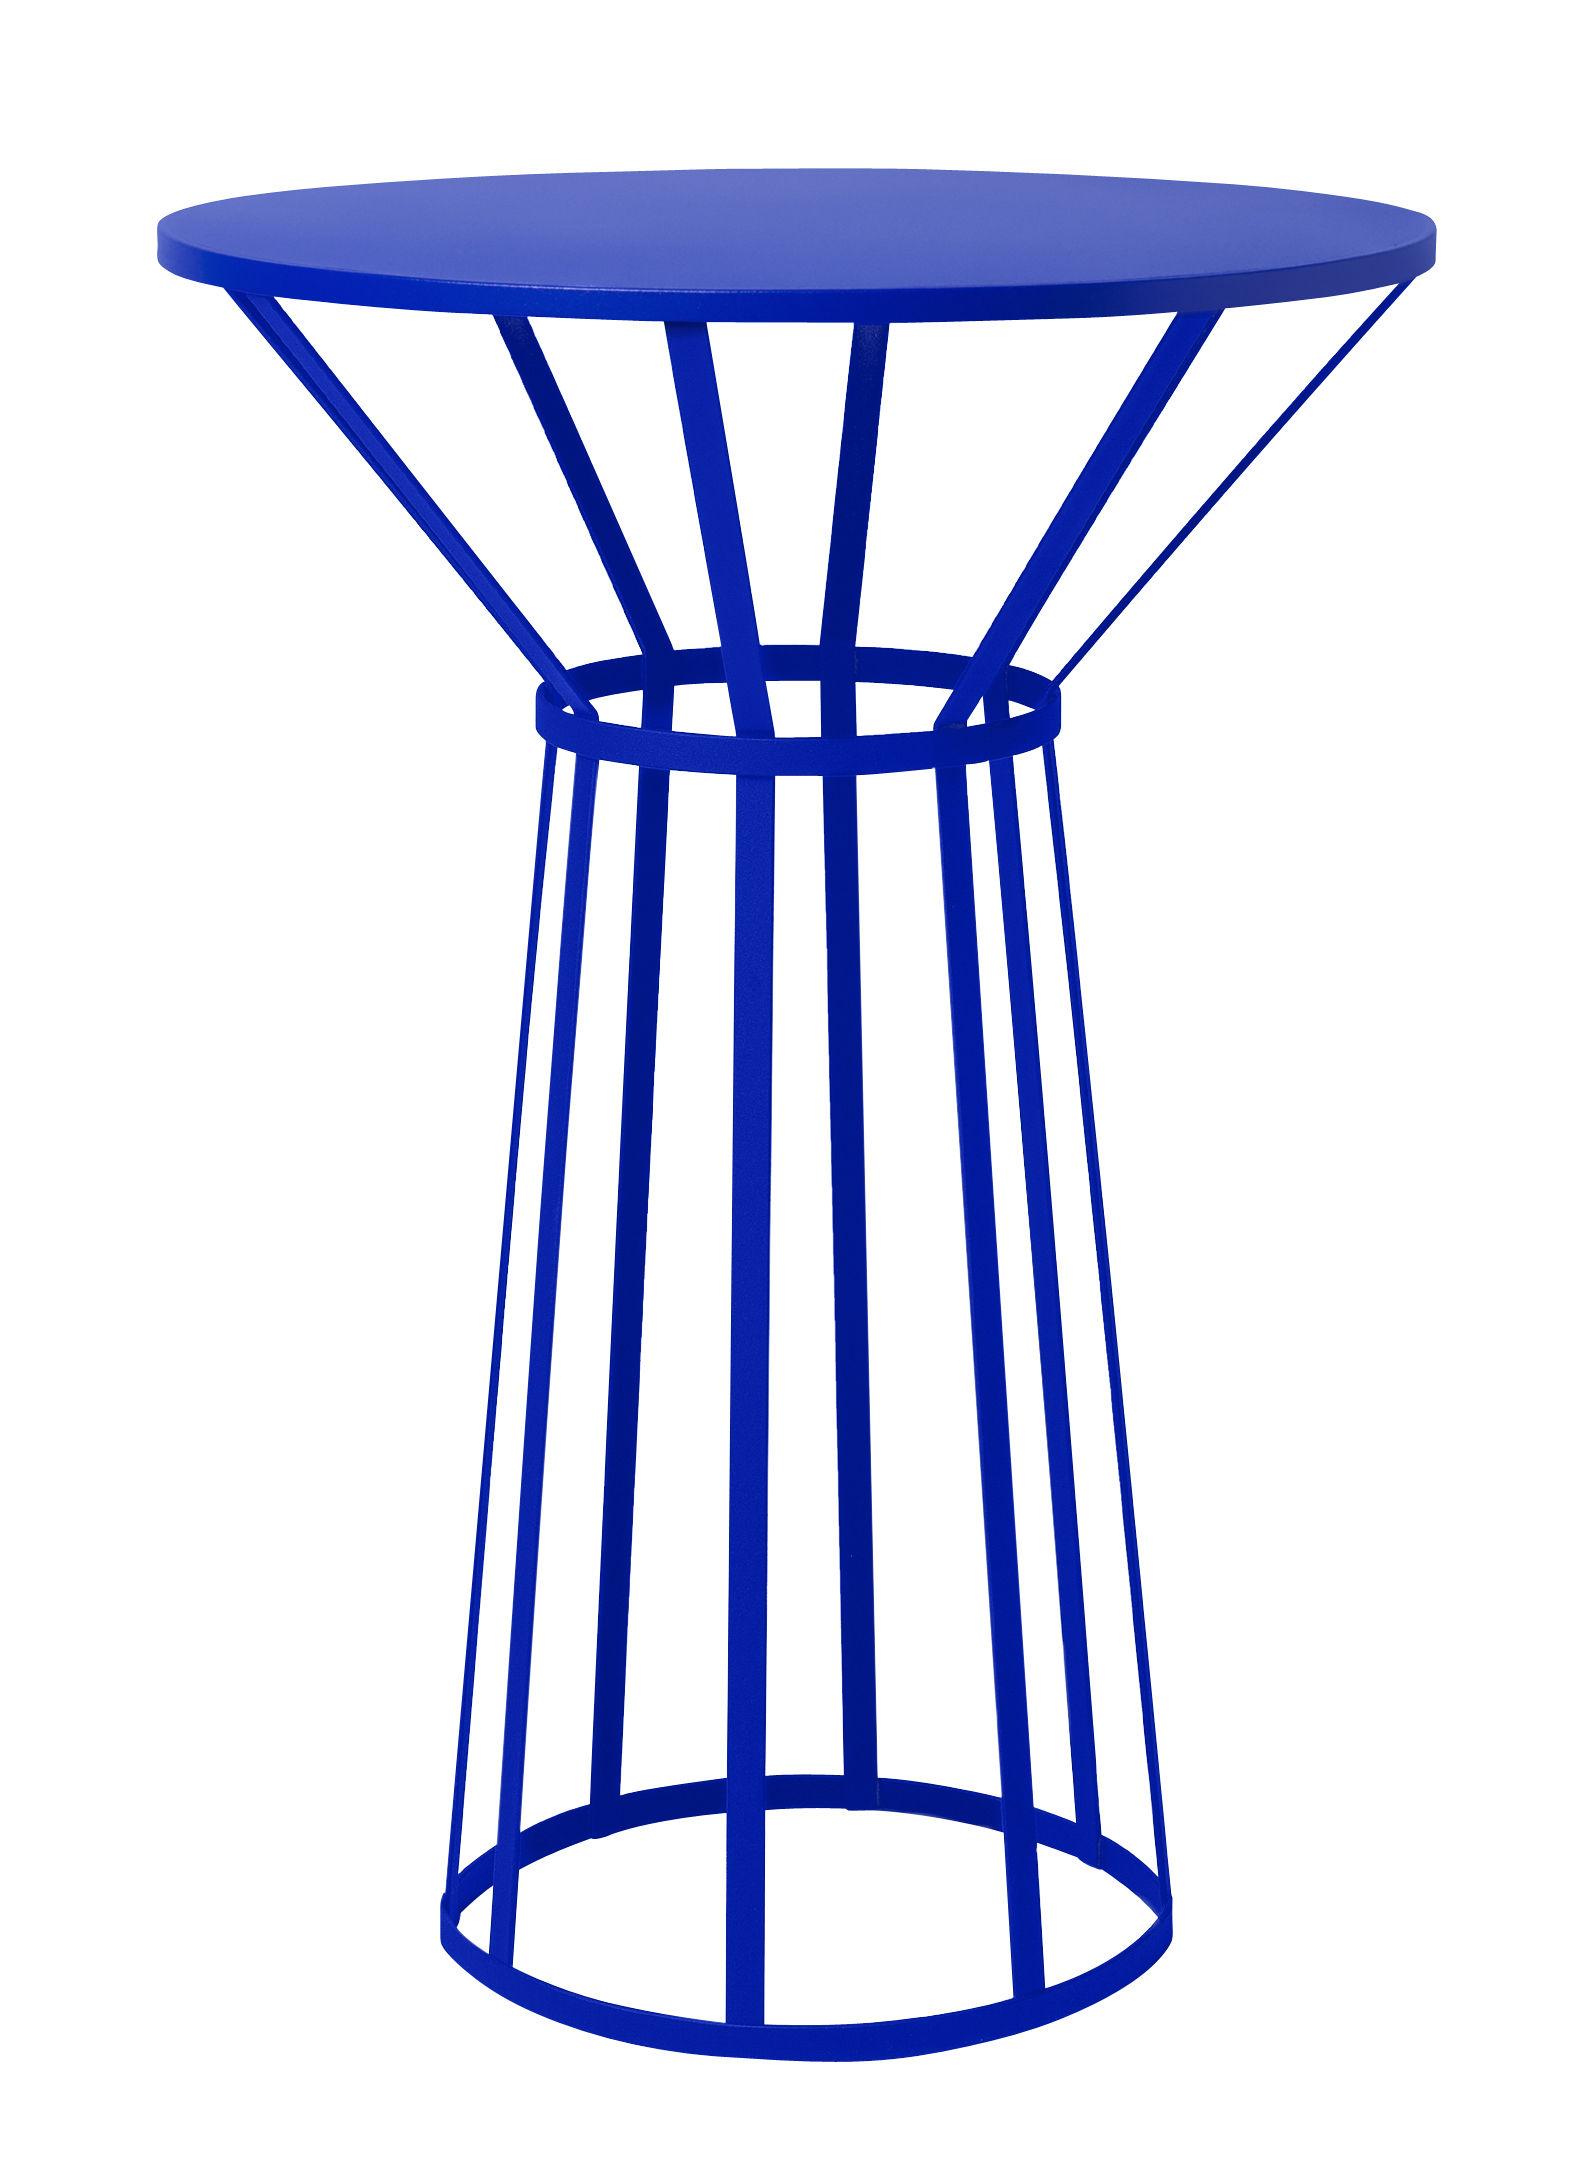 Arredamento - Tavolini  - Guéridon Hollo / Ø 50 x H 73 cm - Petite Friture - Blu - Acciaio laccato